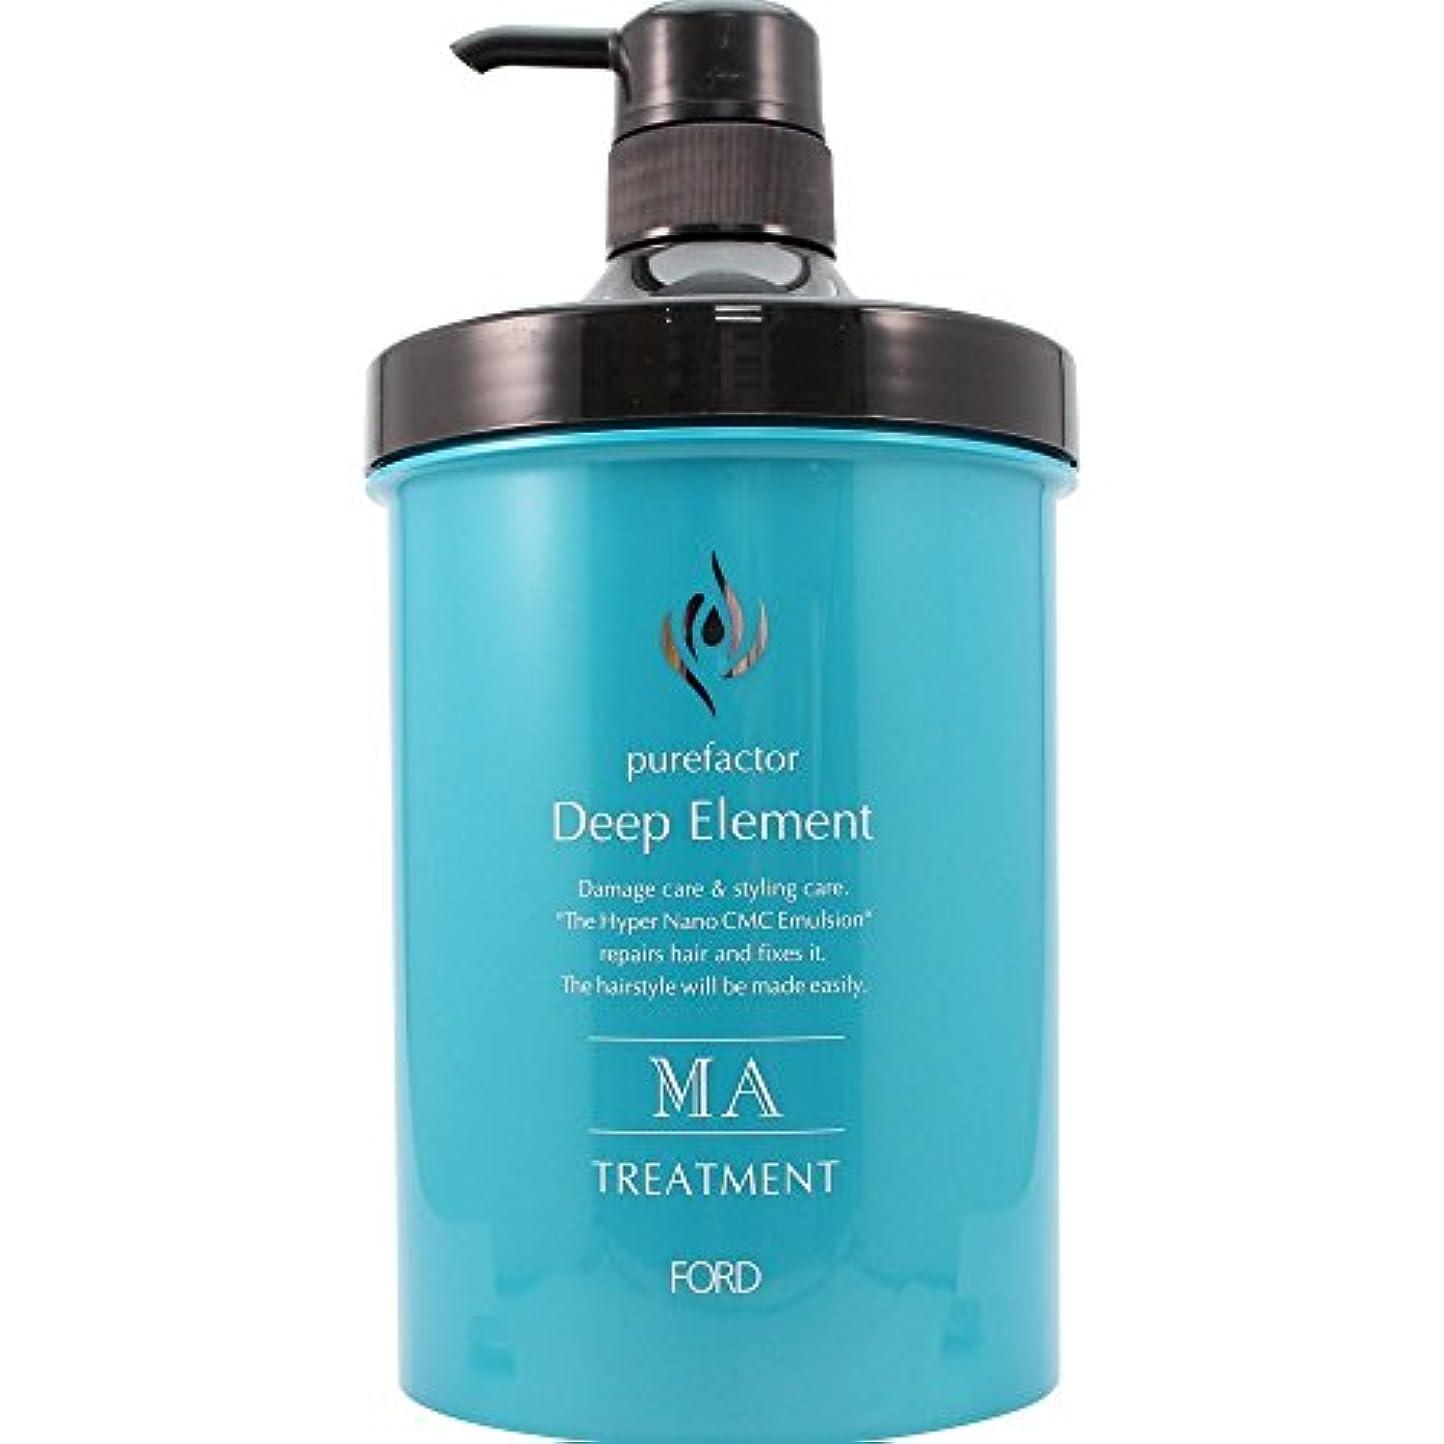 冷淡な認可肉腫フォードヘア化粧品 ディープエレメント MA ヘアトリートメント 950g